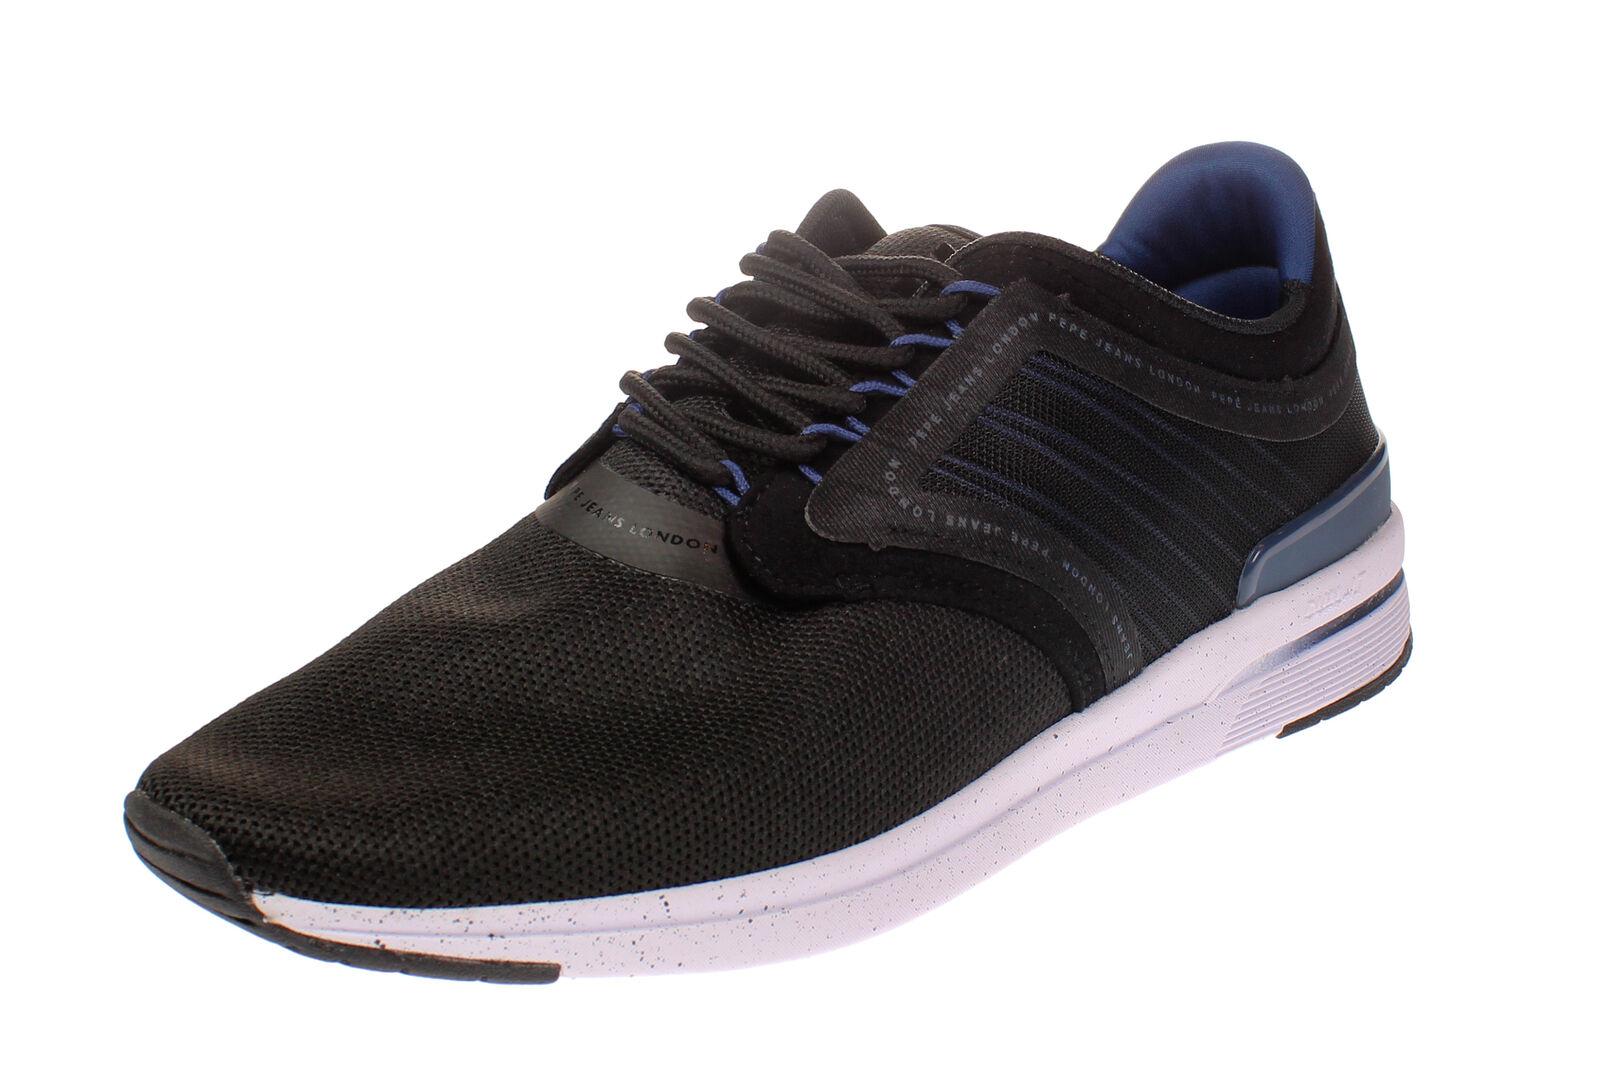 Pepe Jeans pms30517-caballero zapatos zapatillas - 999-negro